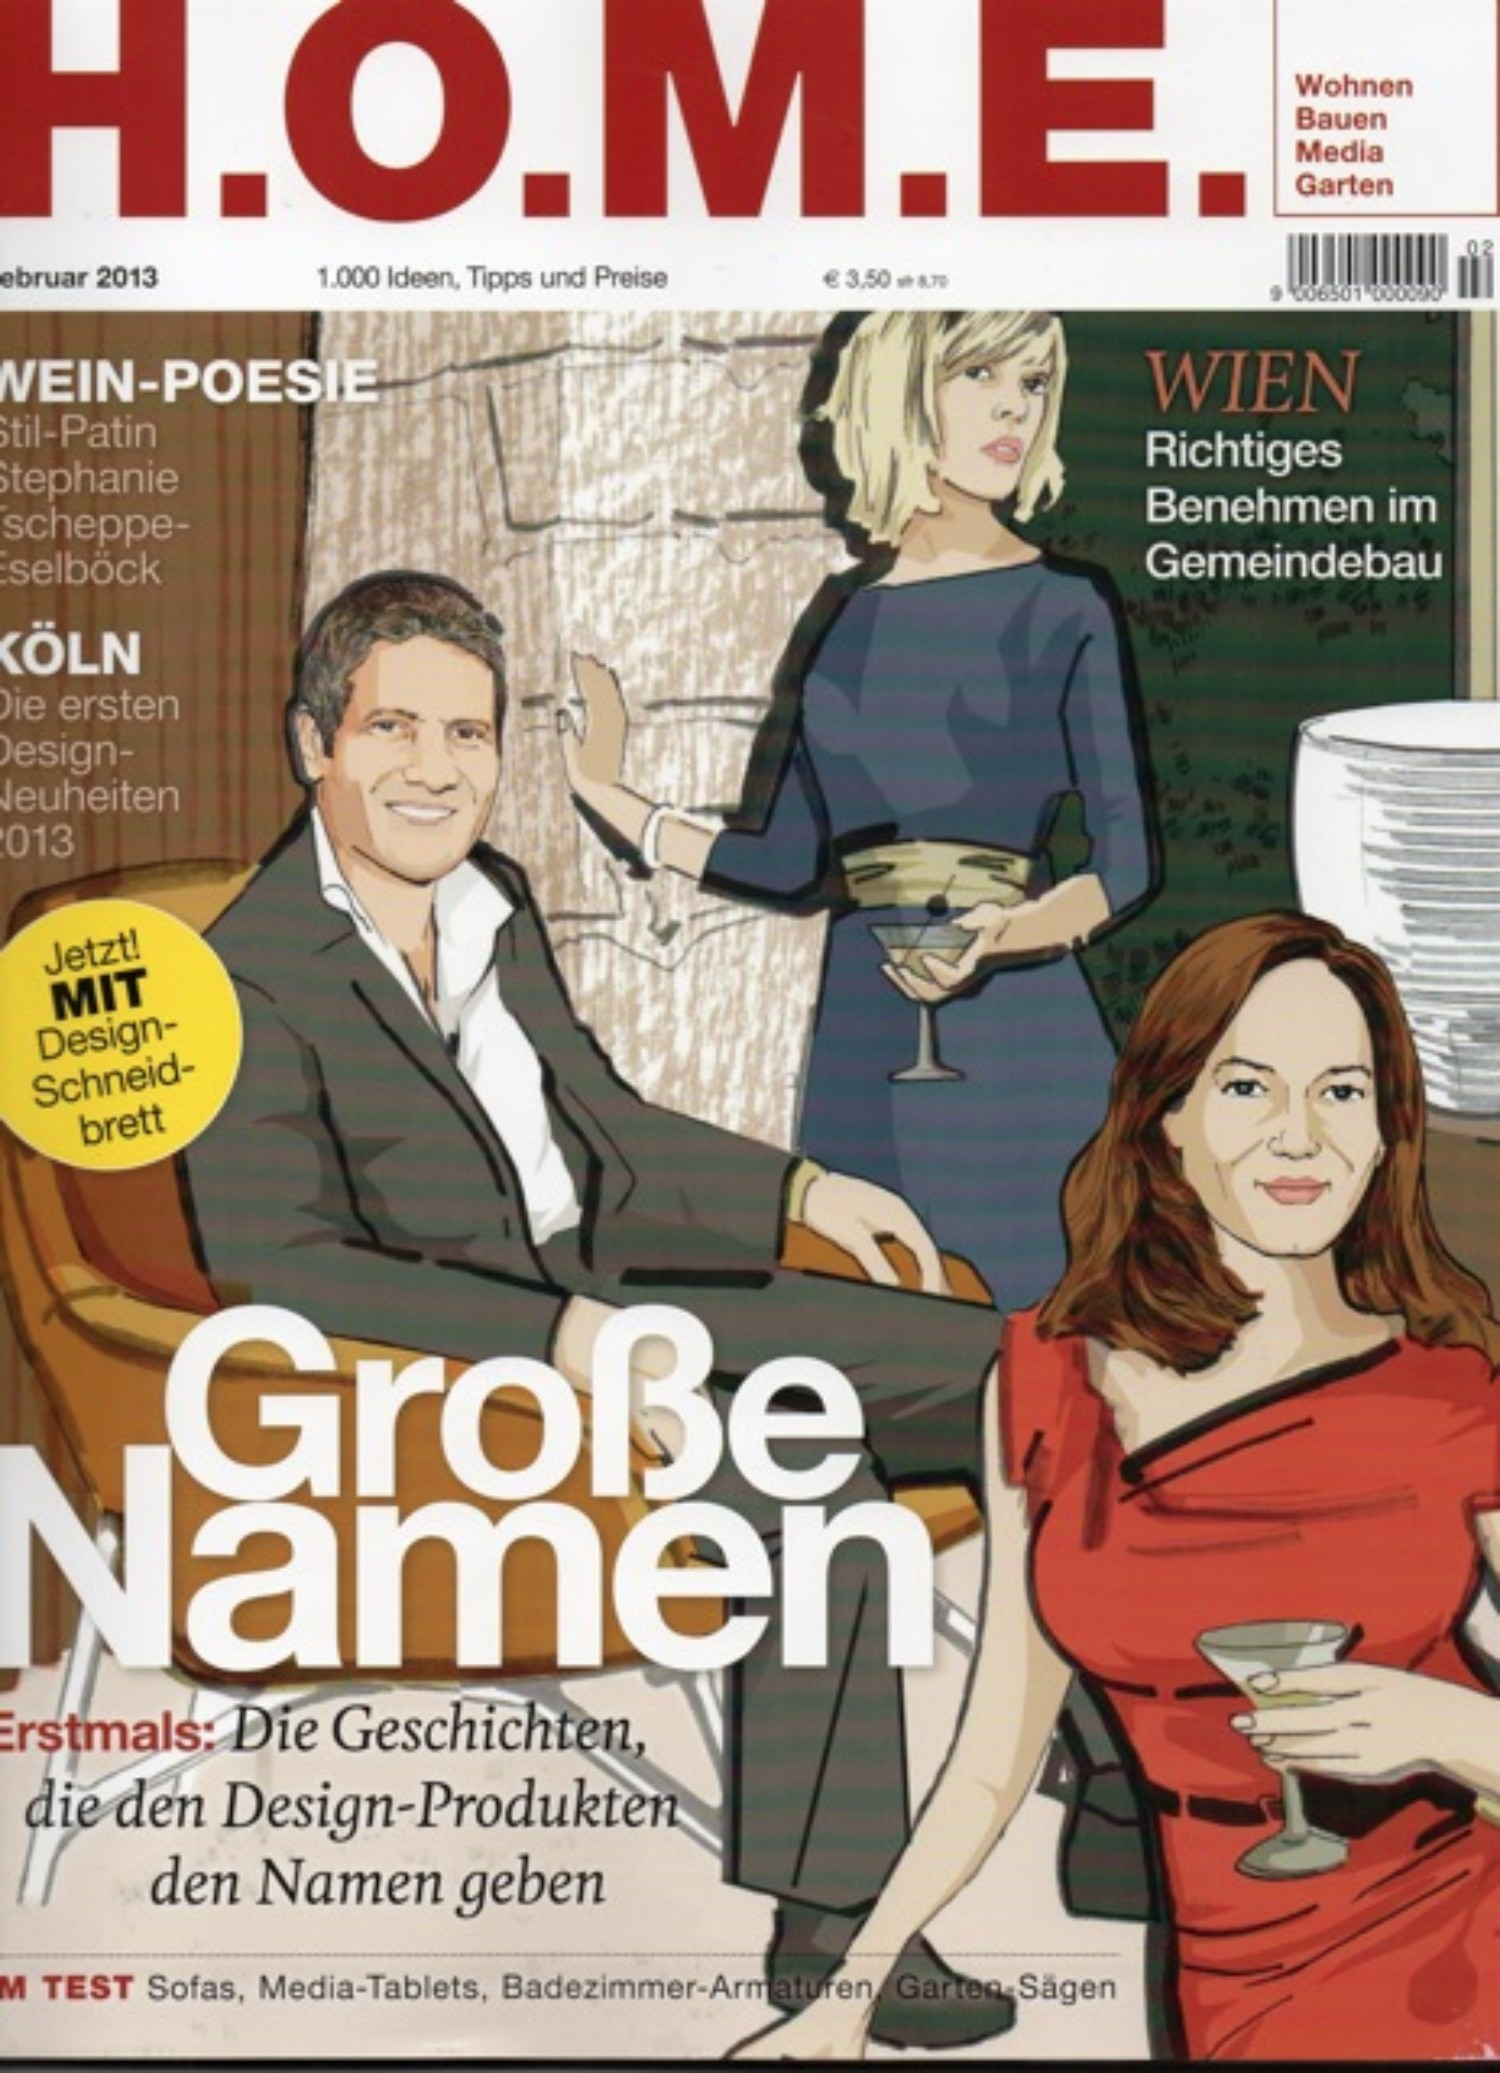 H.O.M.E. mag, Feb 2013